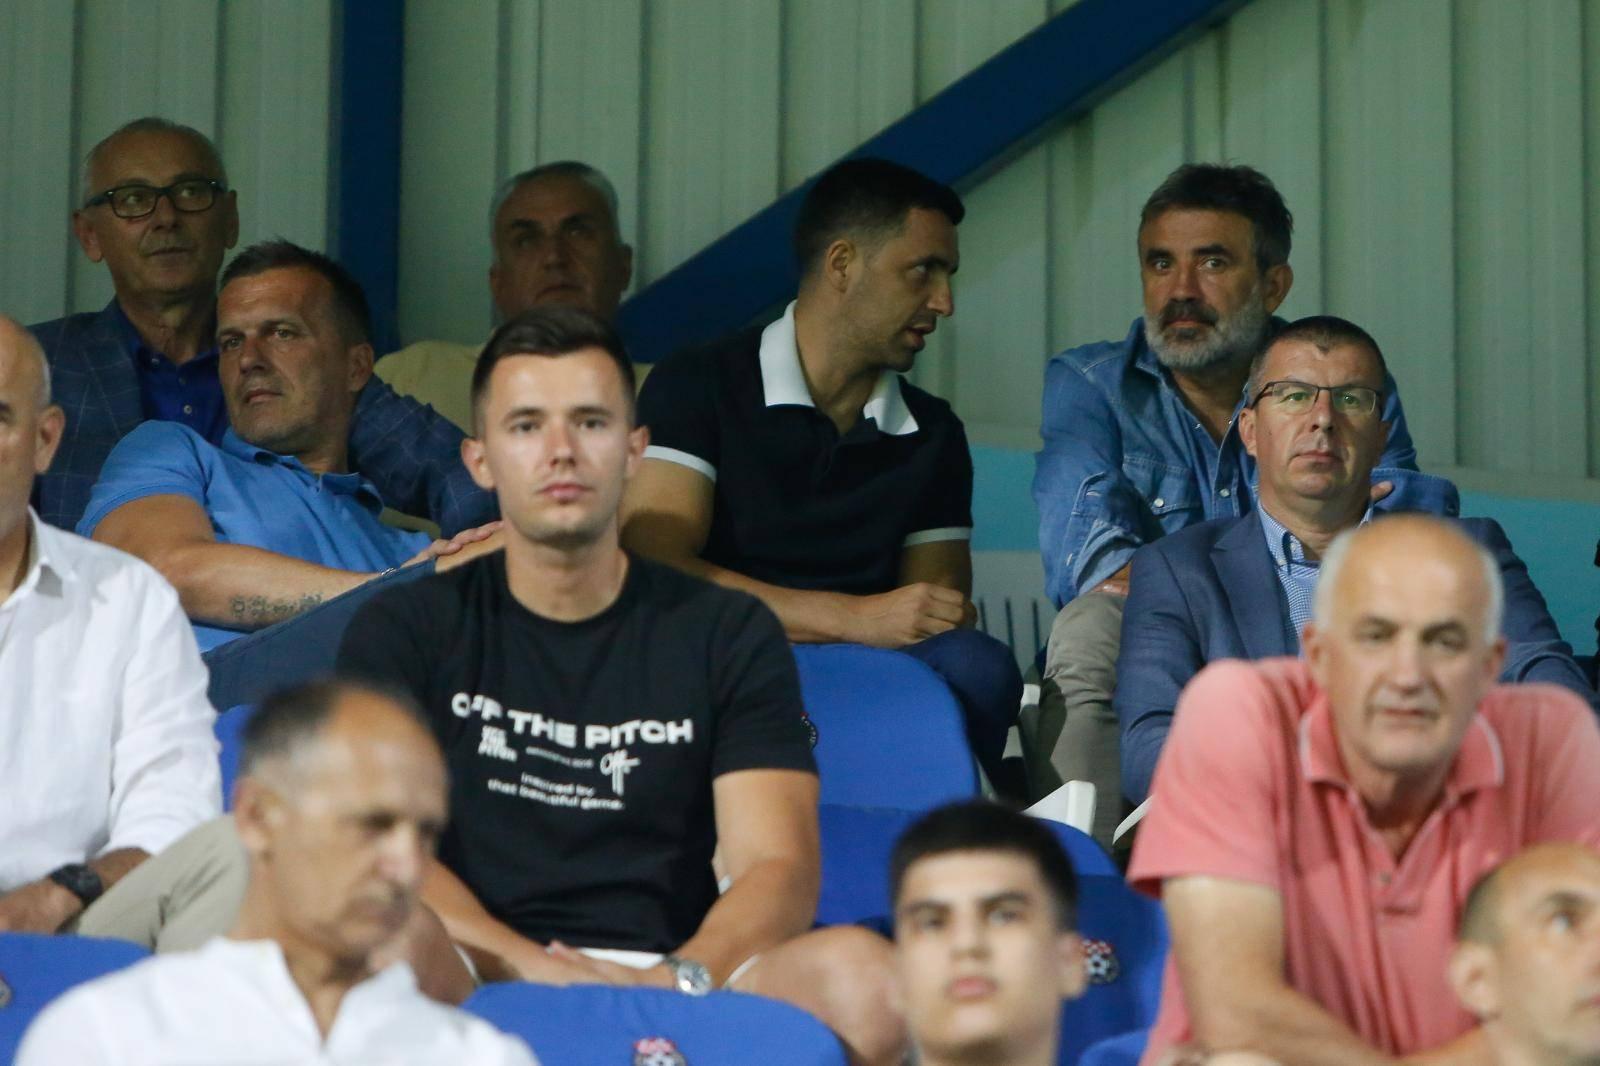 Uskok naredio istražni zatvor, a Zoran Mamić gleda derbi u BiH